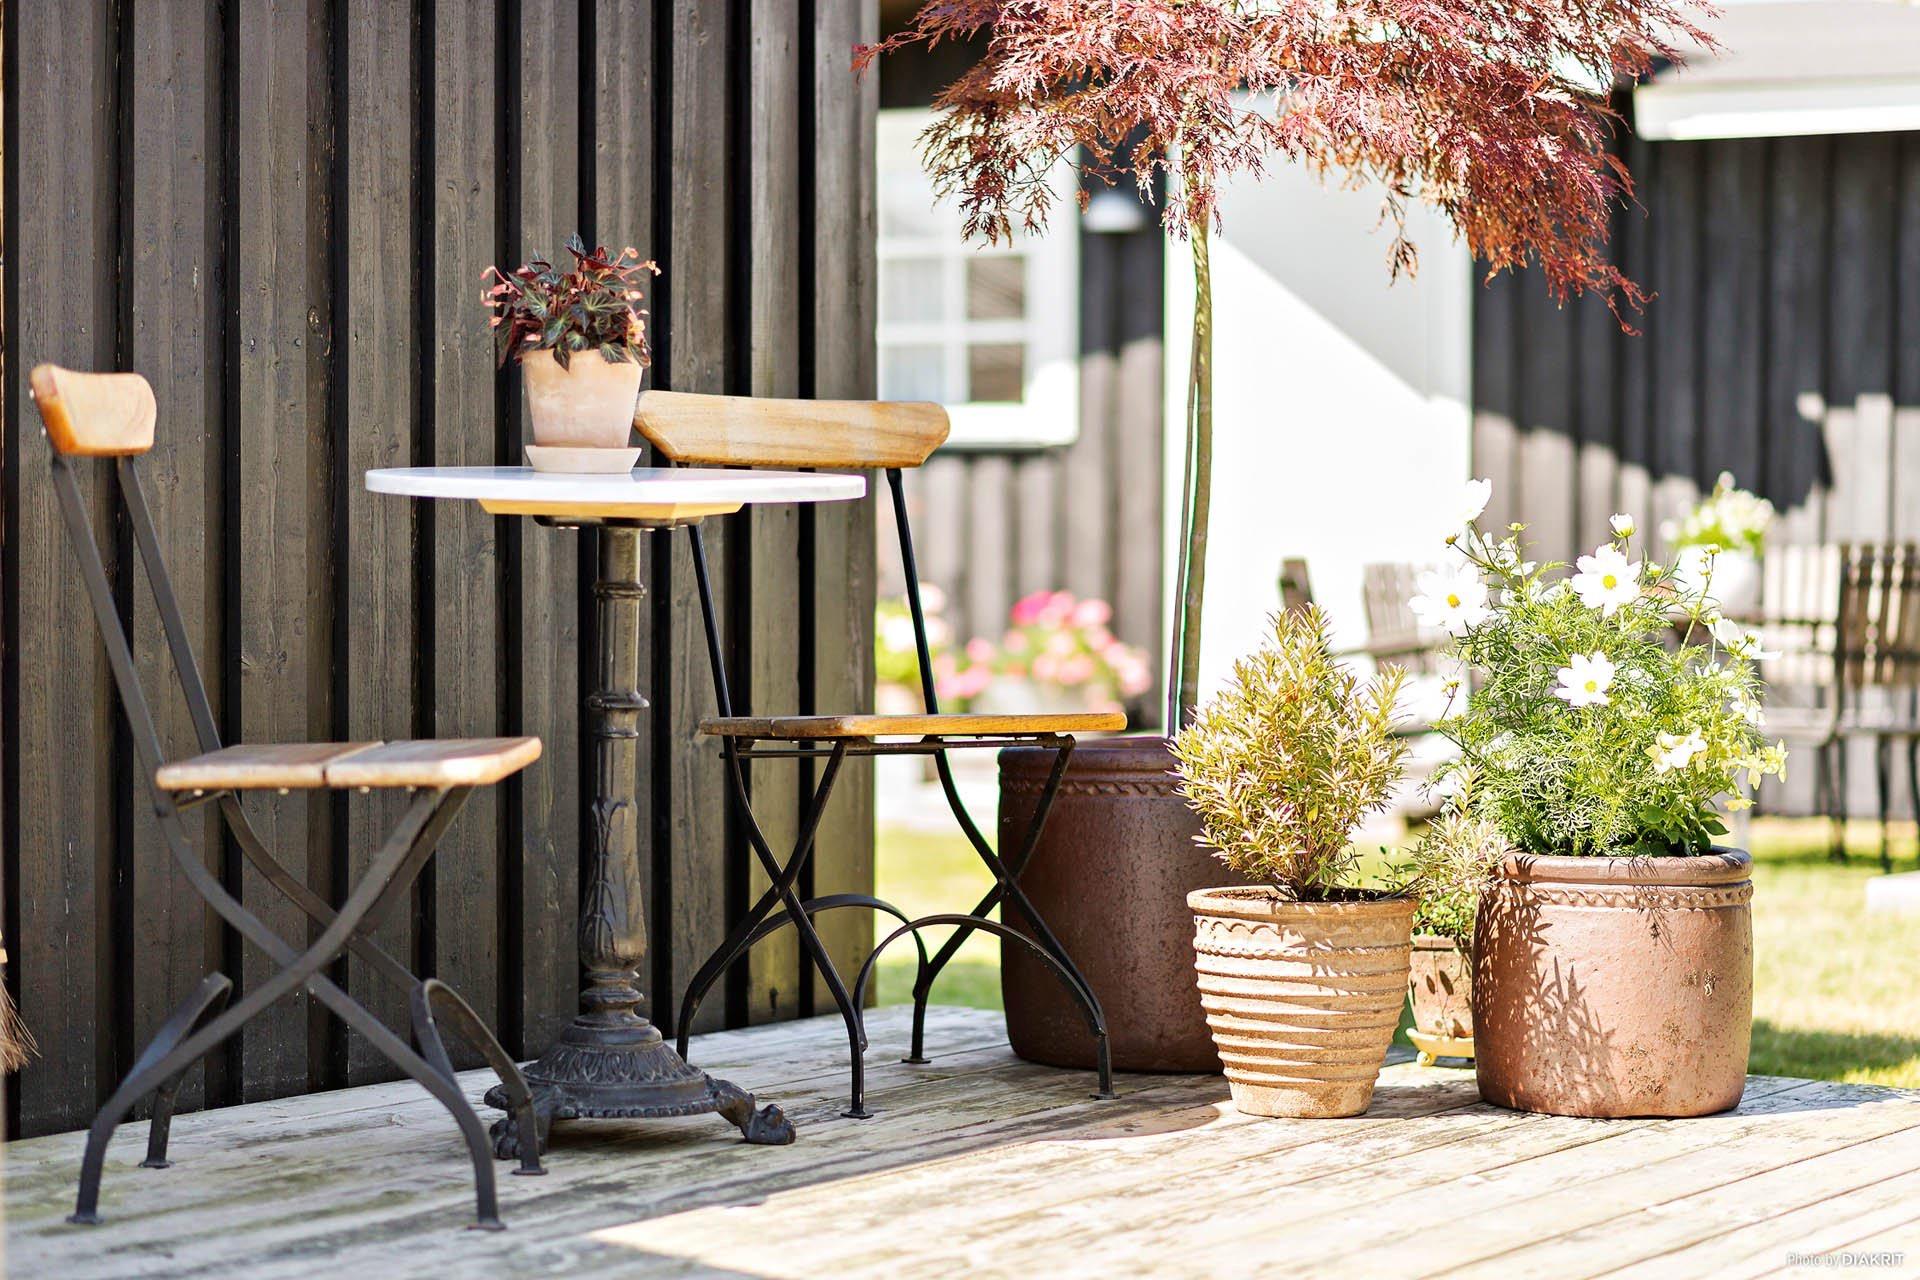 уличная мебель кашпо растения